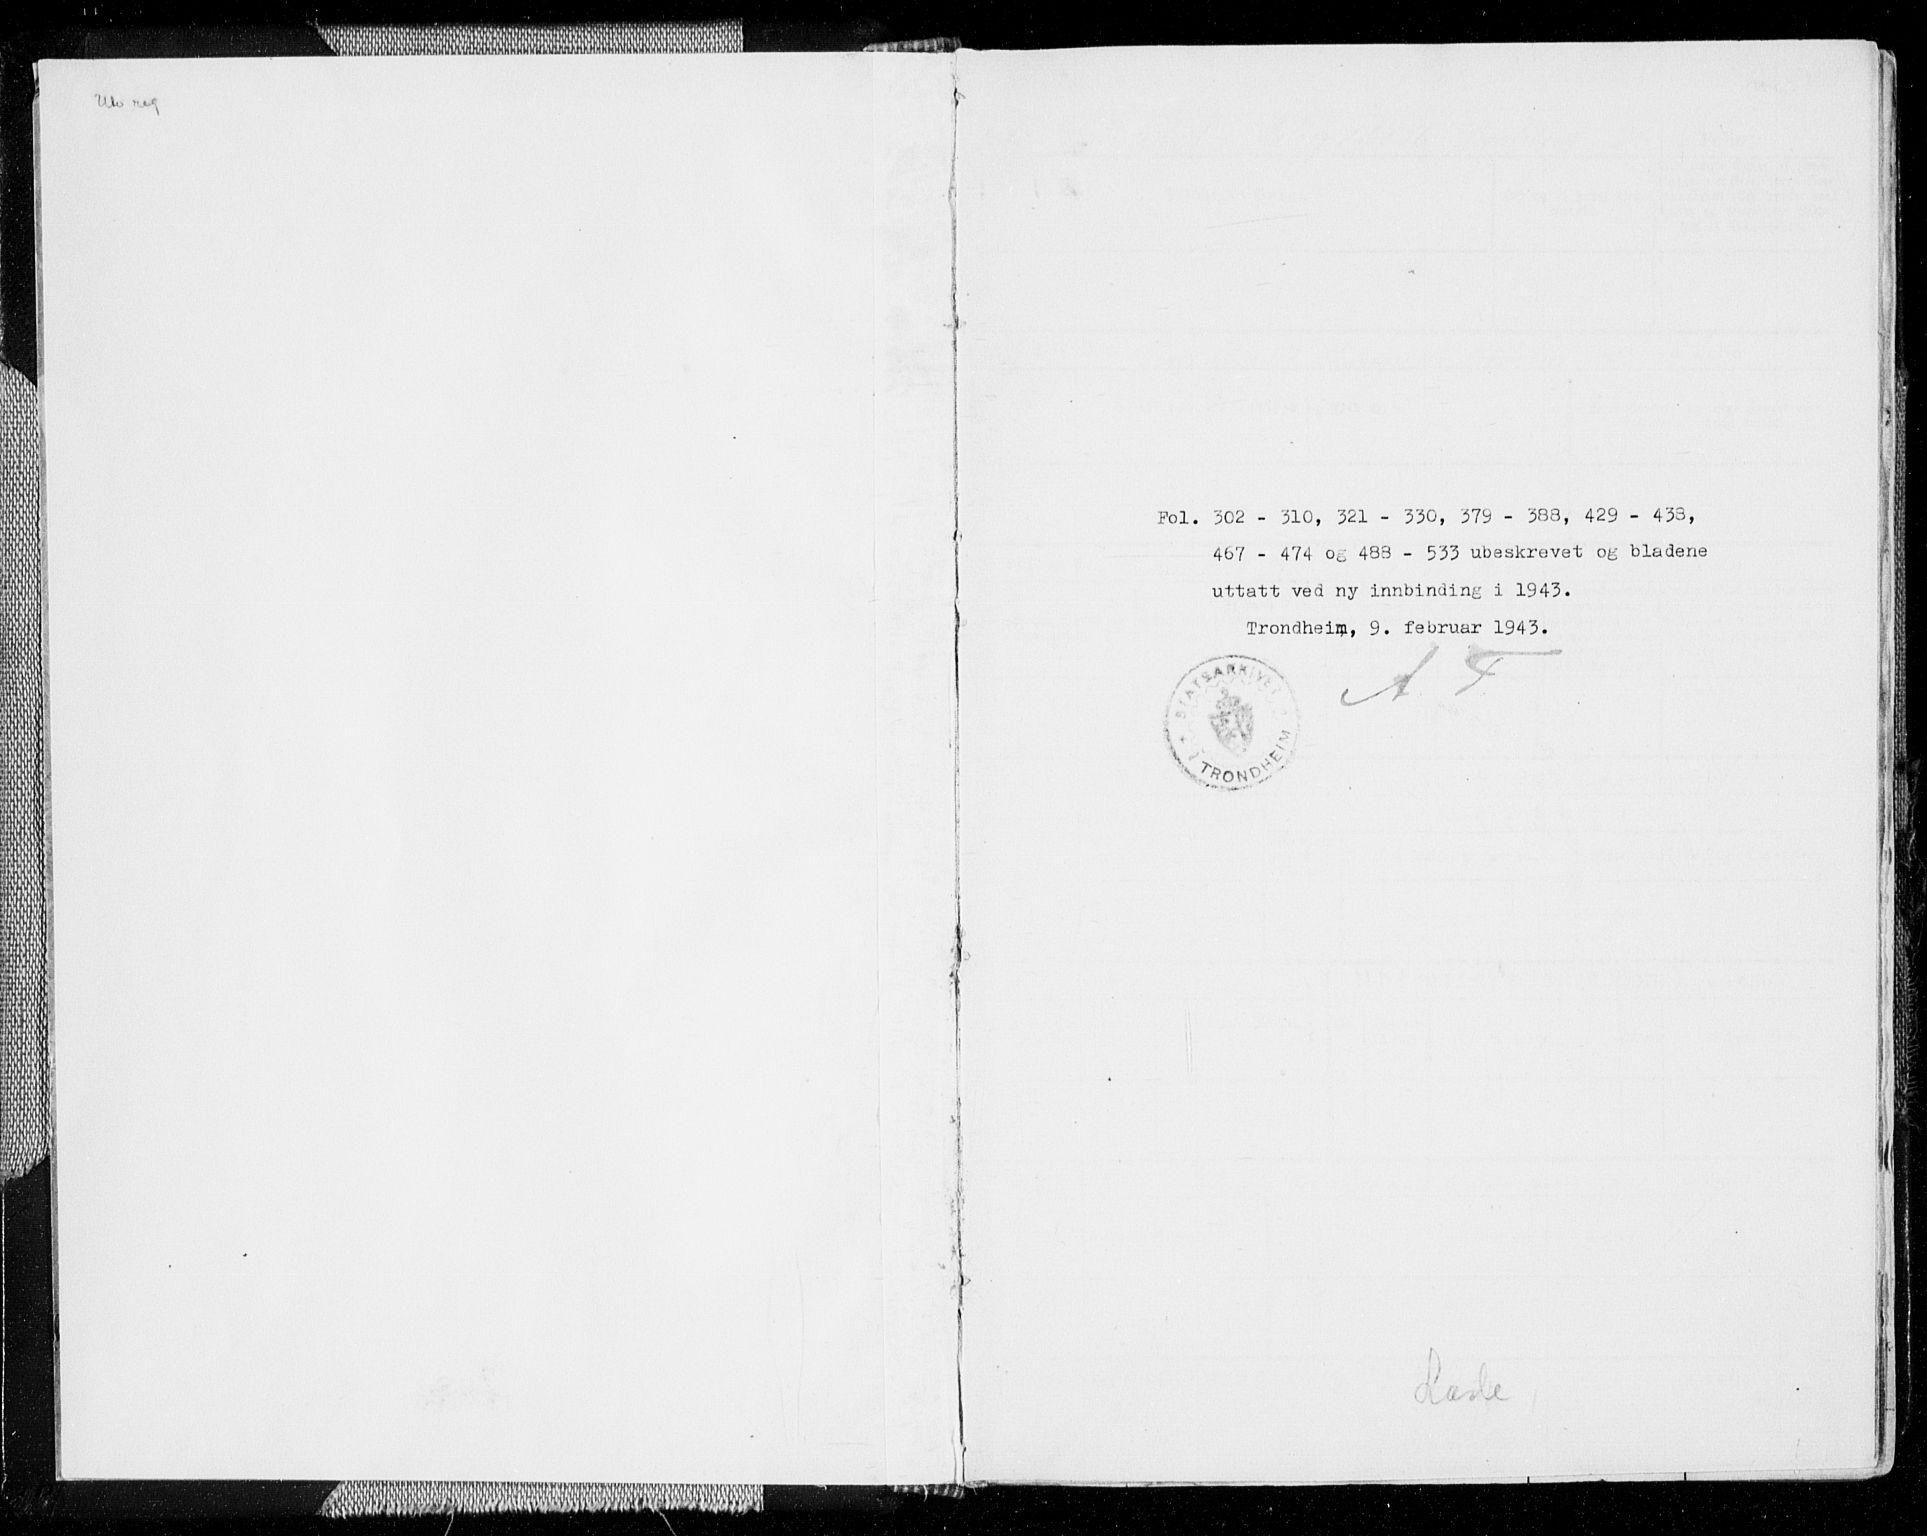 SAT, Ministerialprotokoller, klokkerbøker og fødselsregistre - Sør-Trøndelag, 606/L0290: Ministerialbok nr. 606A05, 1841-1847